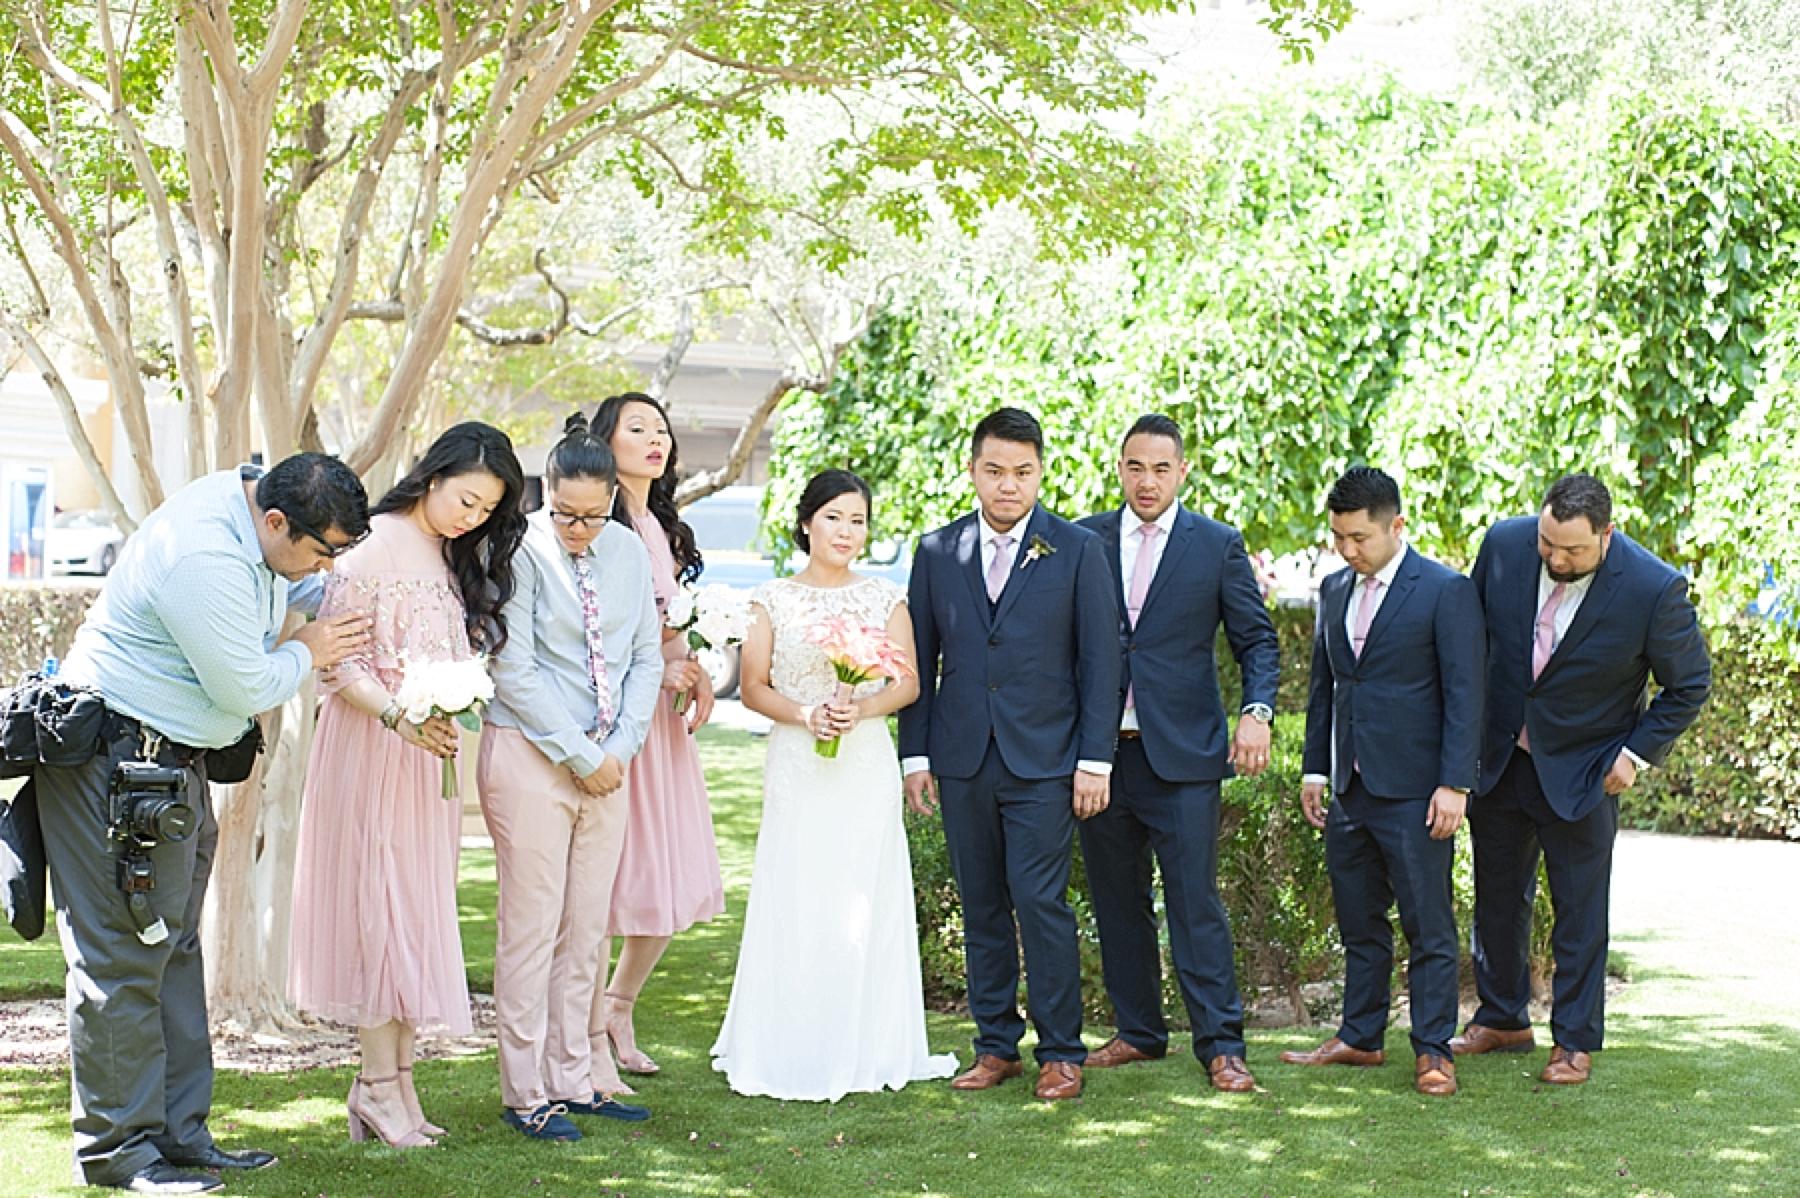 las_vegas_wedding_photographers_behind_the_scenes-04-4.jpg